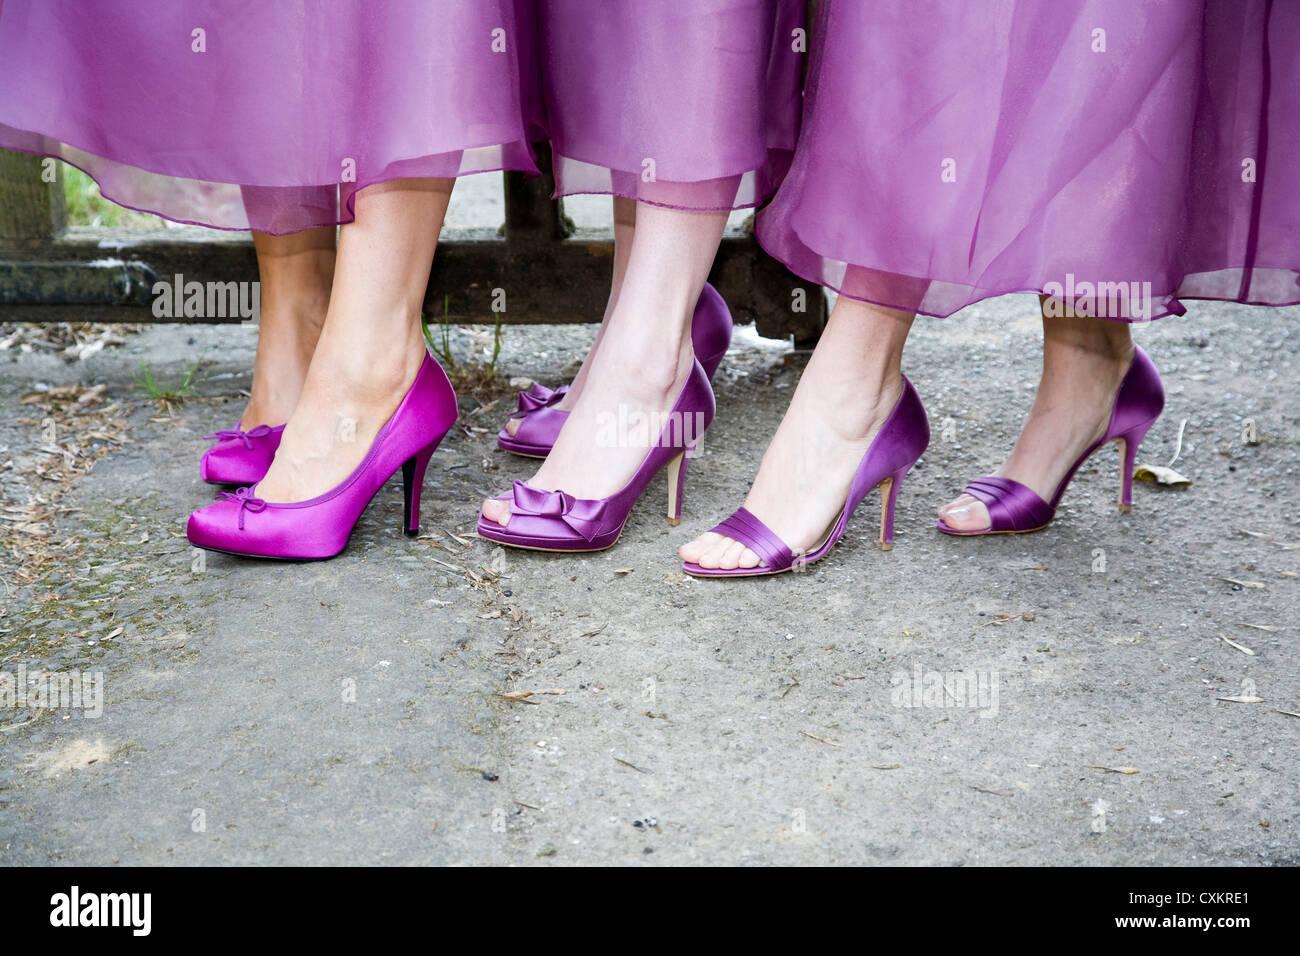 La demoiselle pieds et chevilles avec des chaussures à talon haut violet, montrant les ourlets de robes. Photo Stock